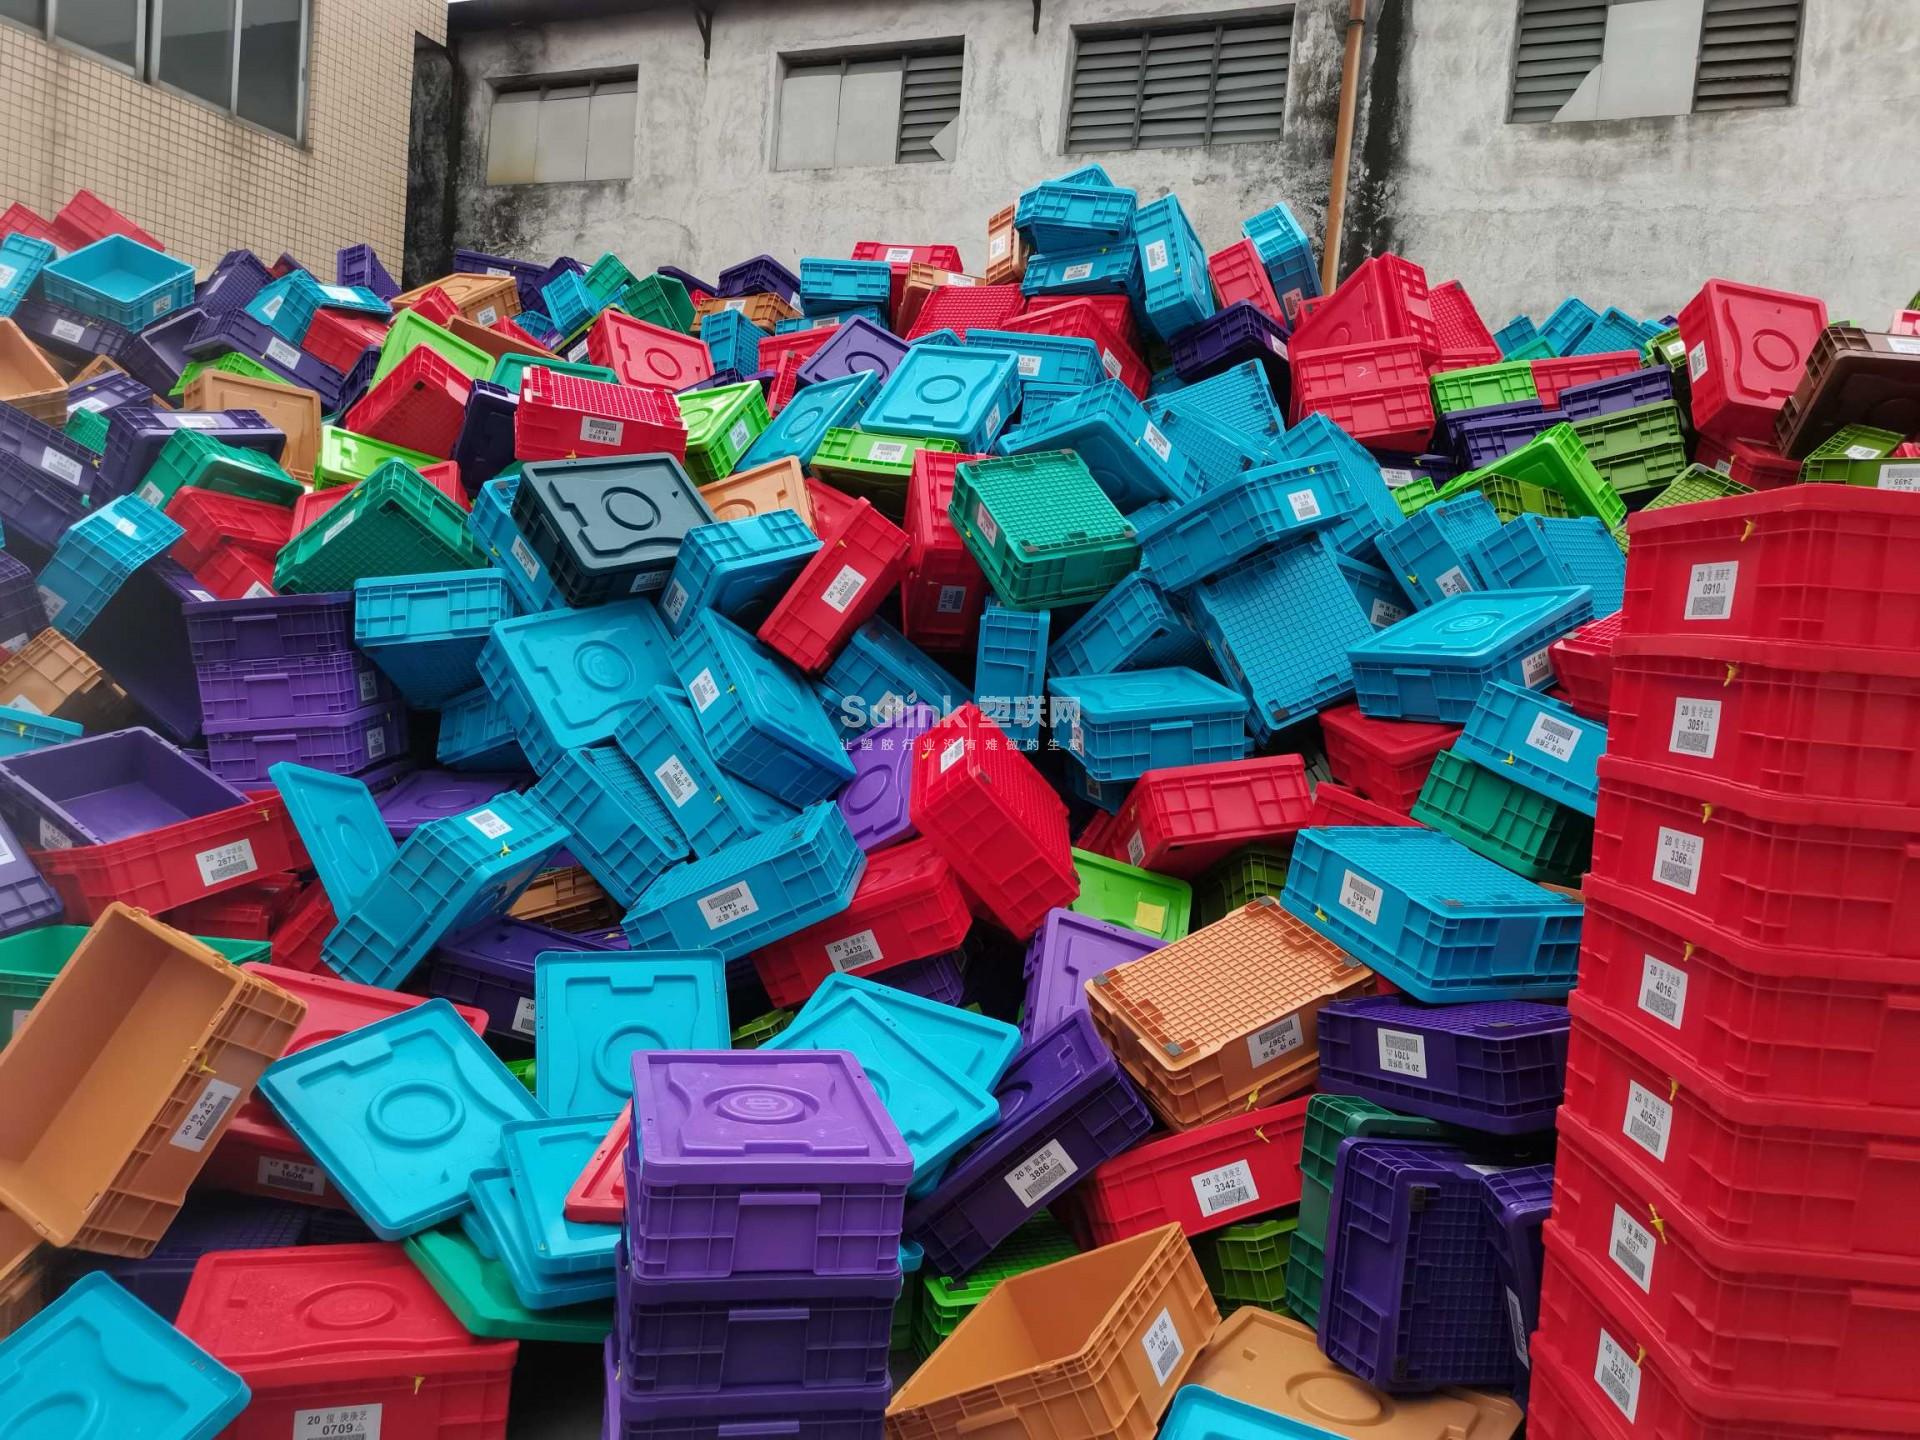 HDPE注塑红色破碎及周转破碎- 塑联网 - 塑料联网信息服务平台